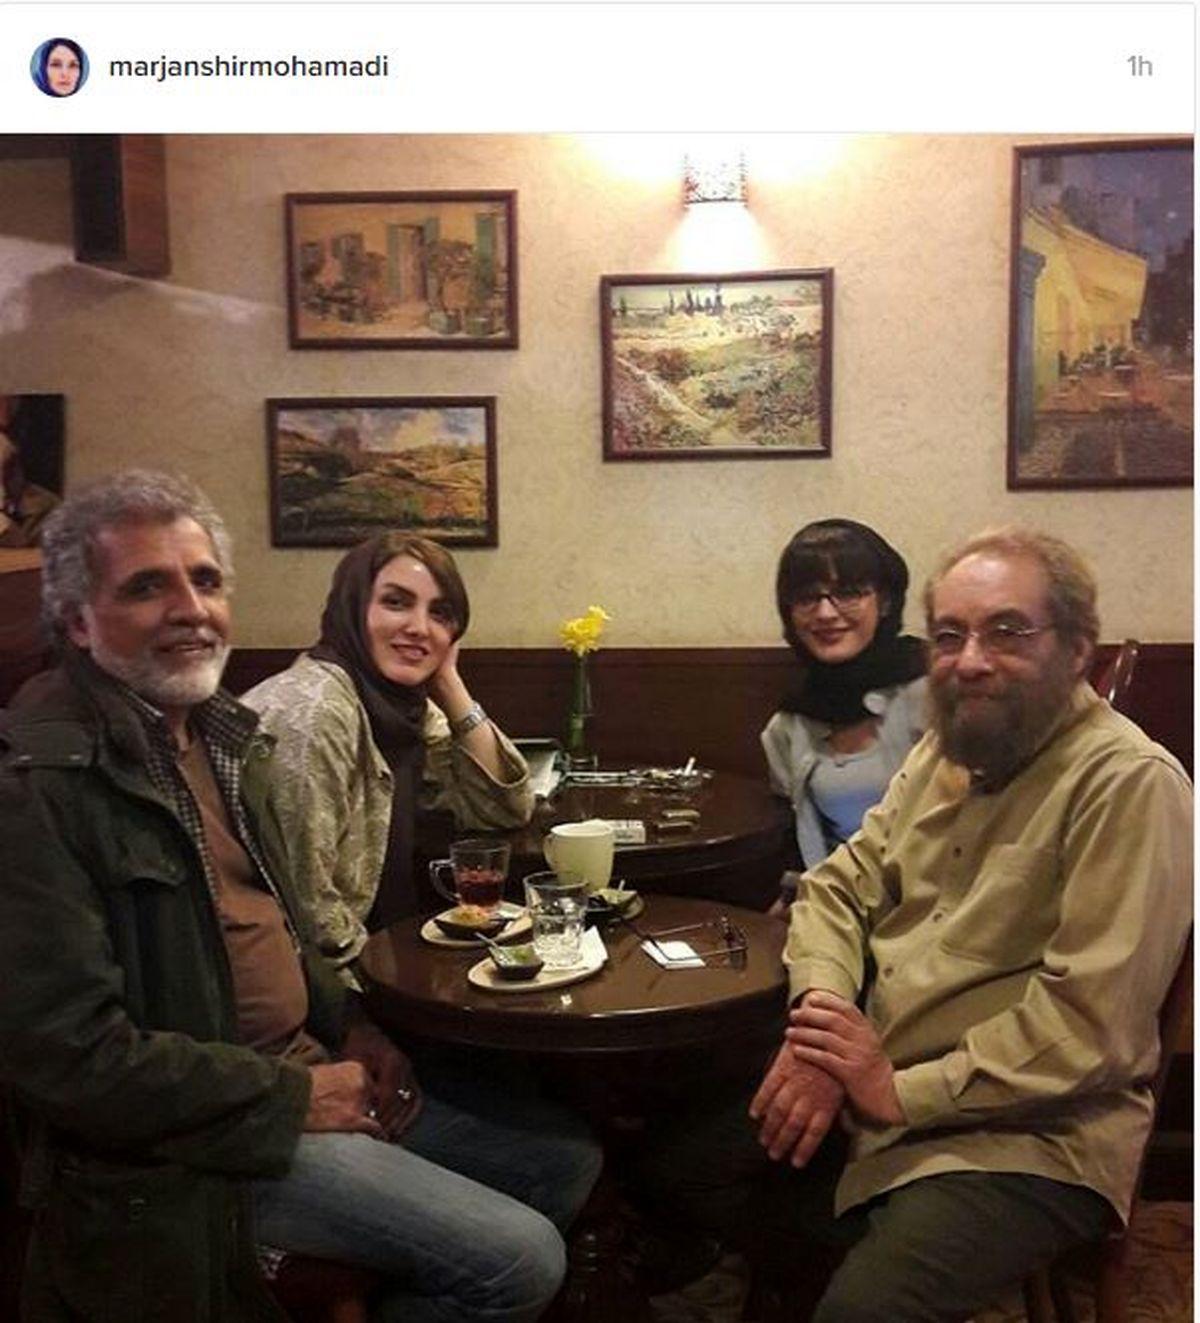 دروغ ۱۳ همسر مجری برنامه هفت درباره فراستی +عکس